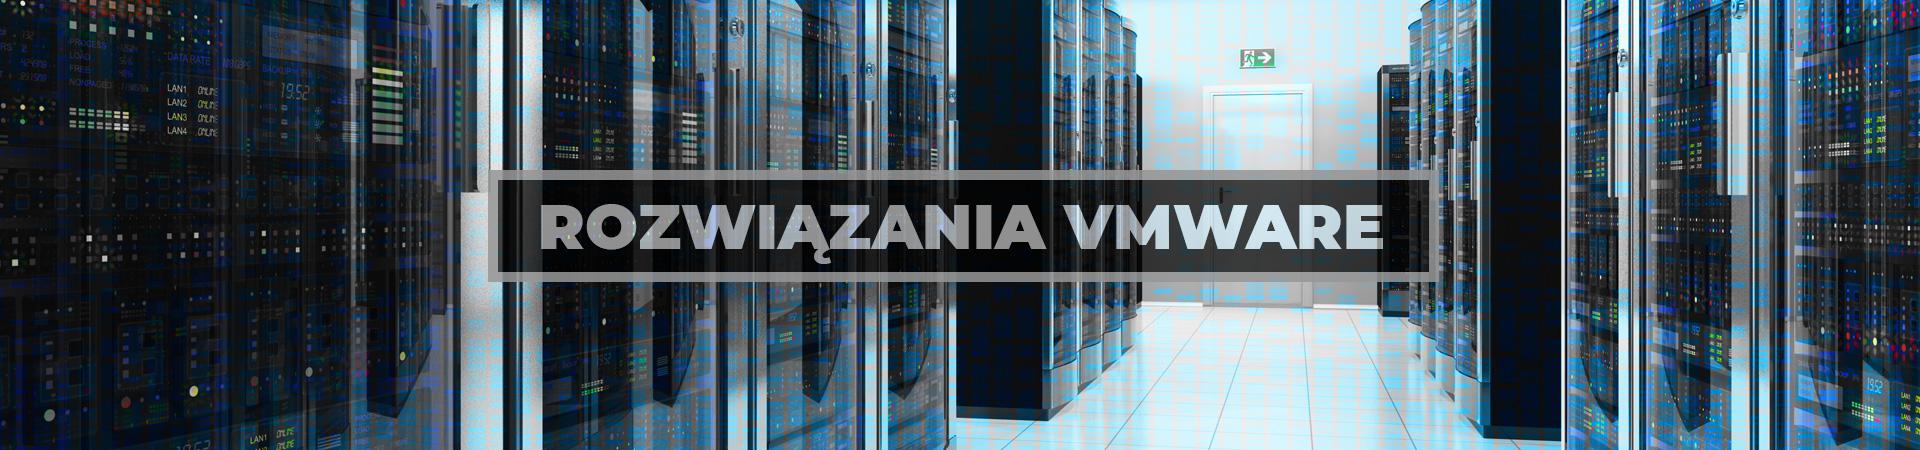 rozwiązania VMware